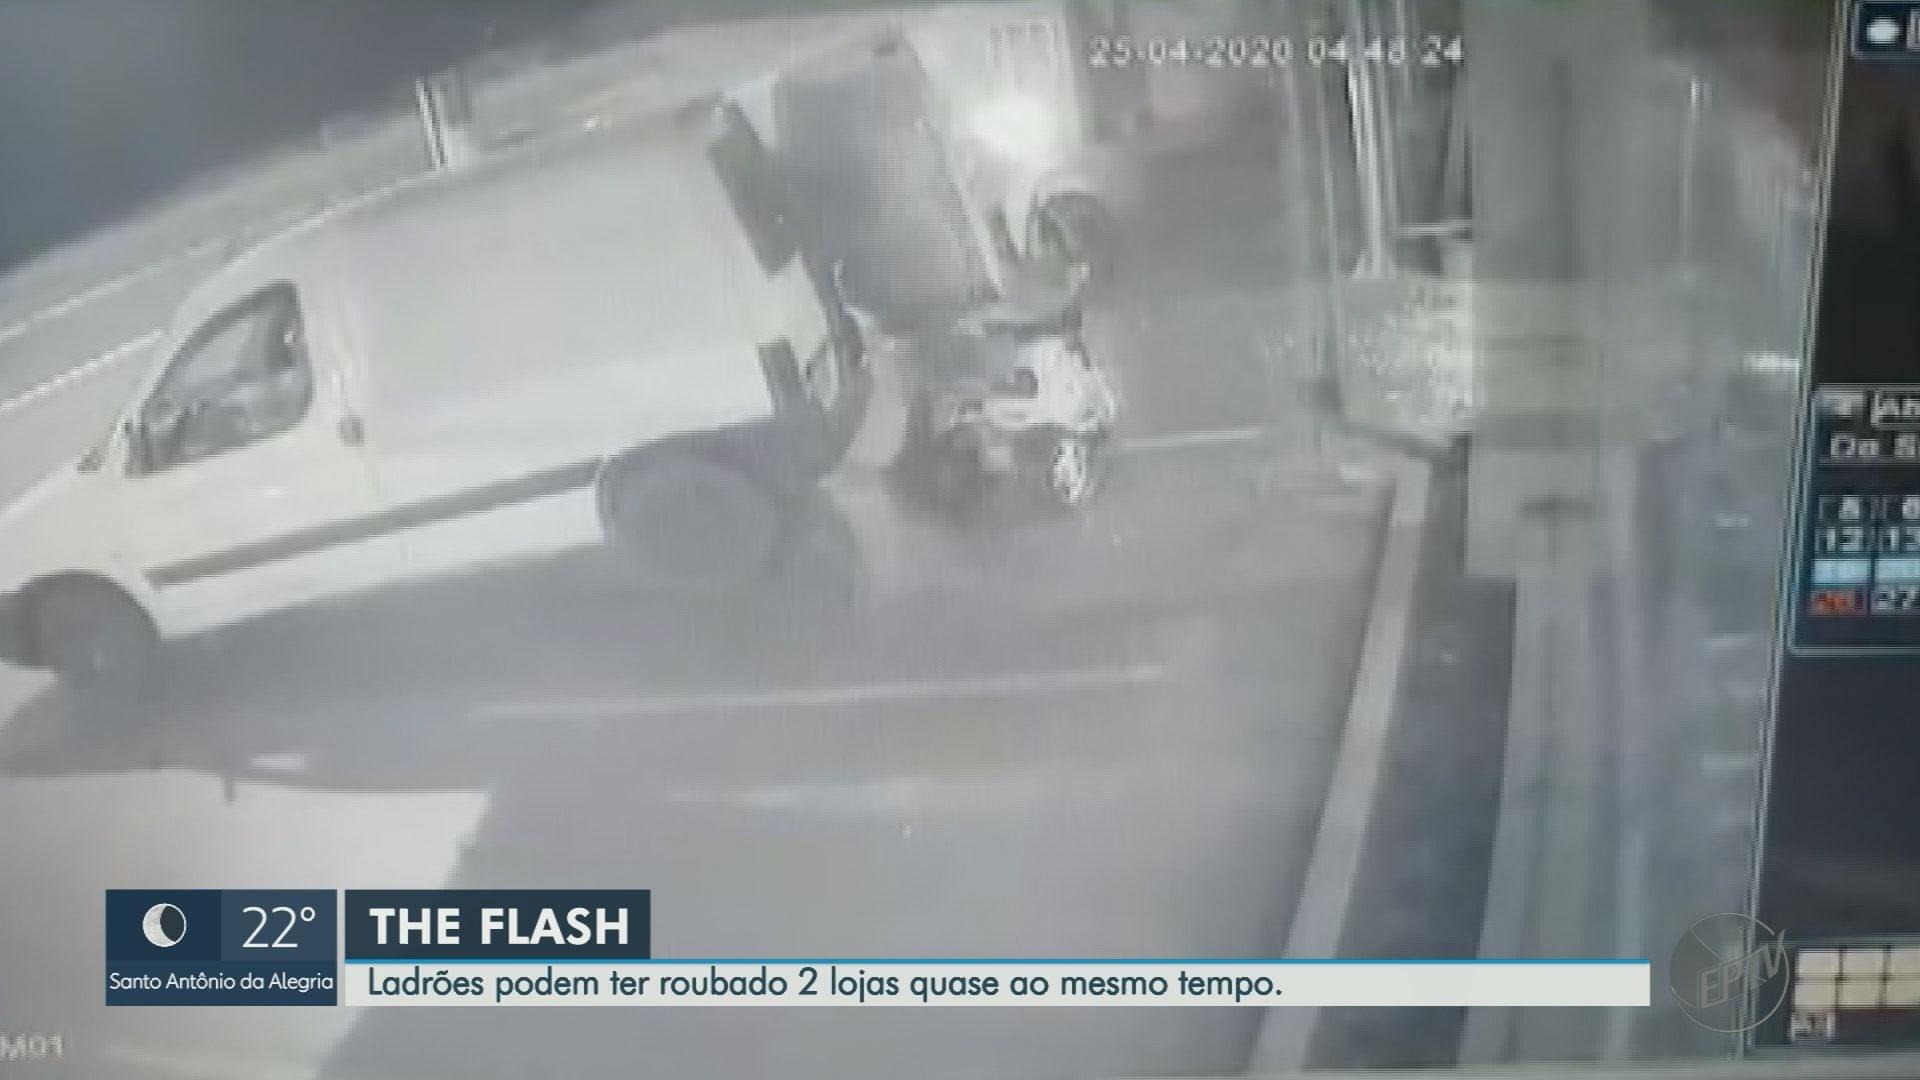 VÍDEOS: EPTV 2 Ribeirão Preto de sábado, 25 de abril